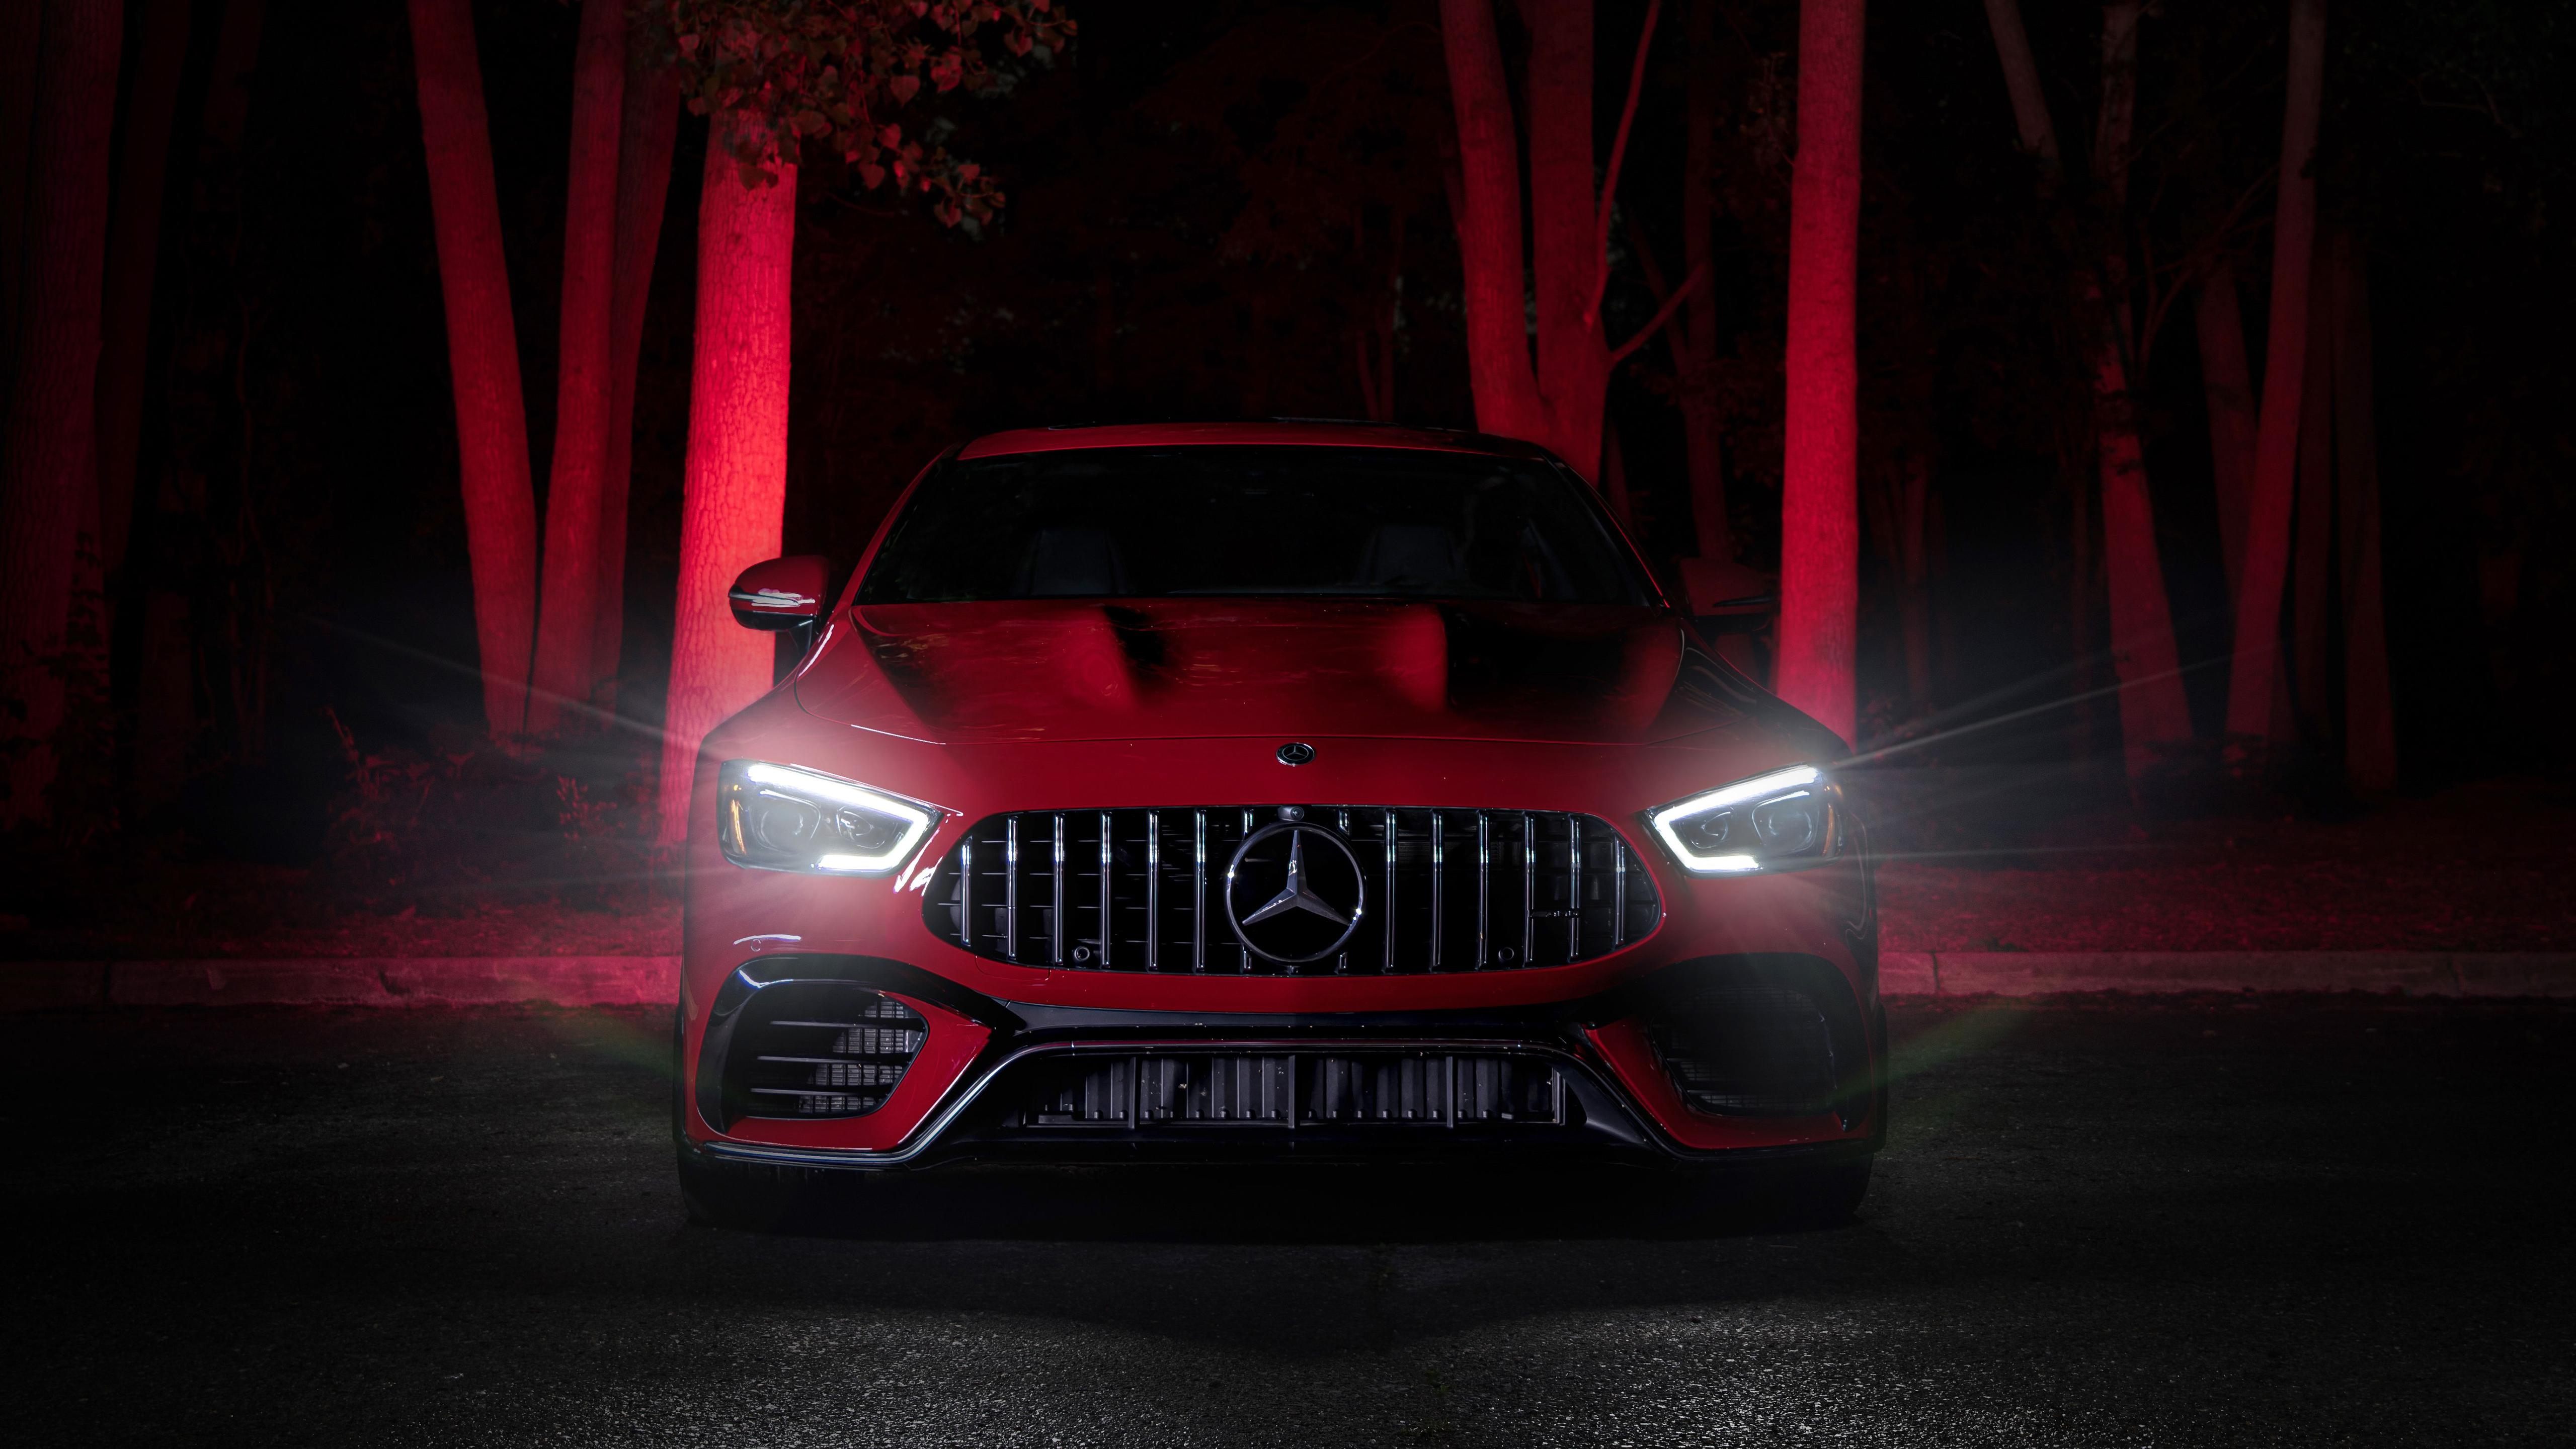 Mercedes Amg Gt 63 S 5k Retina Ultra Fond D Ecran Hd